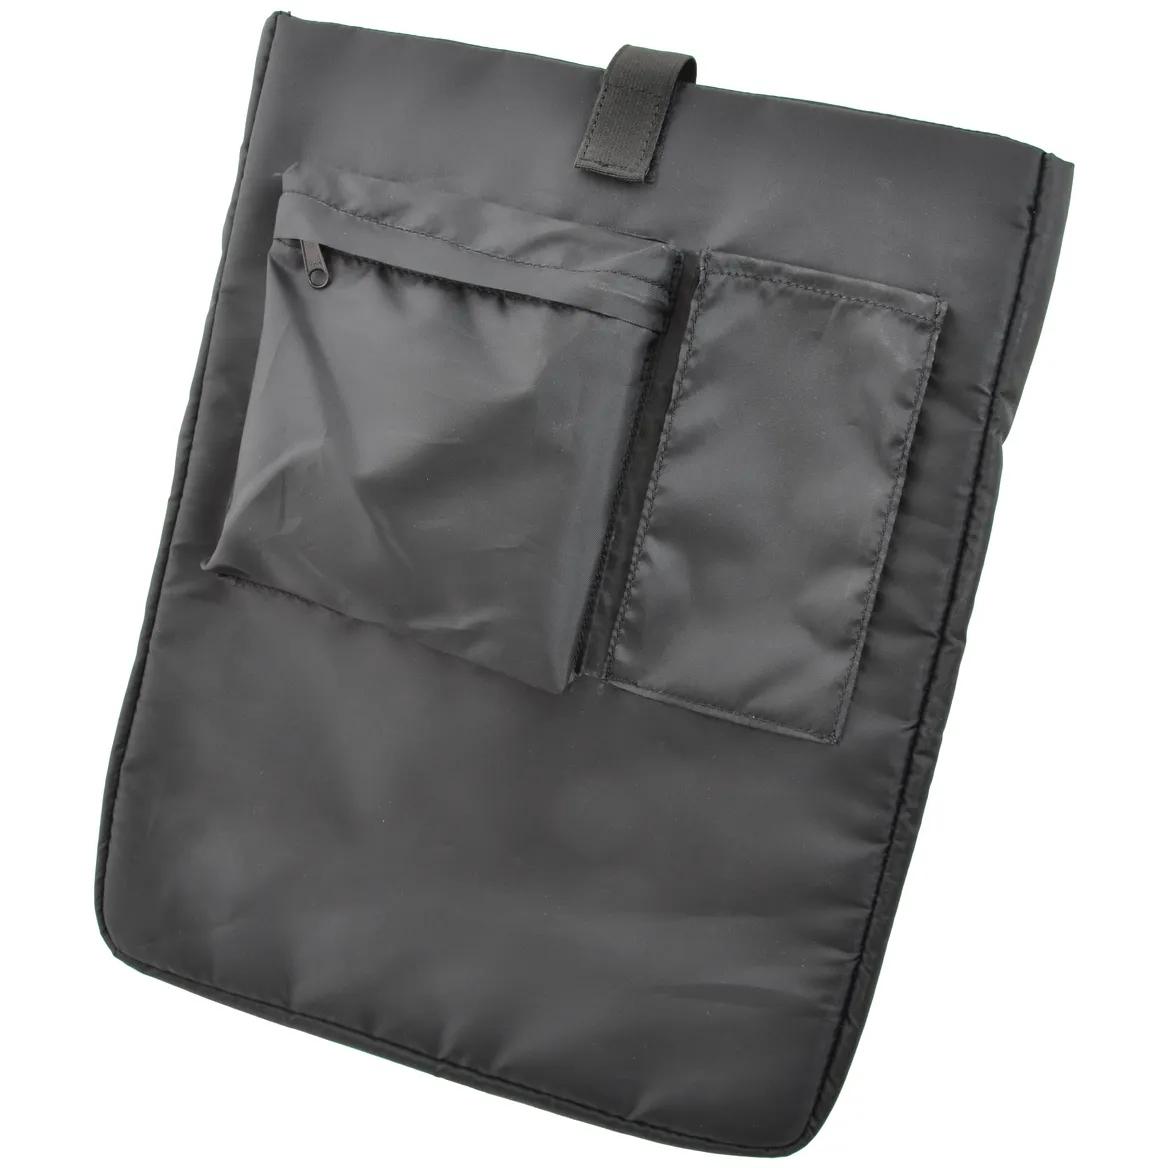 Foto de AGU Laptopcover Accesorios para bolsos Performance - black